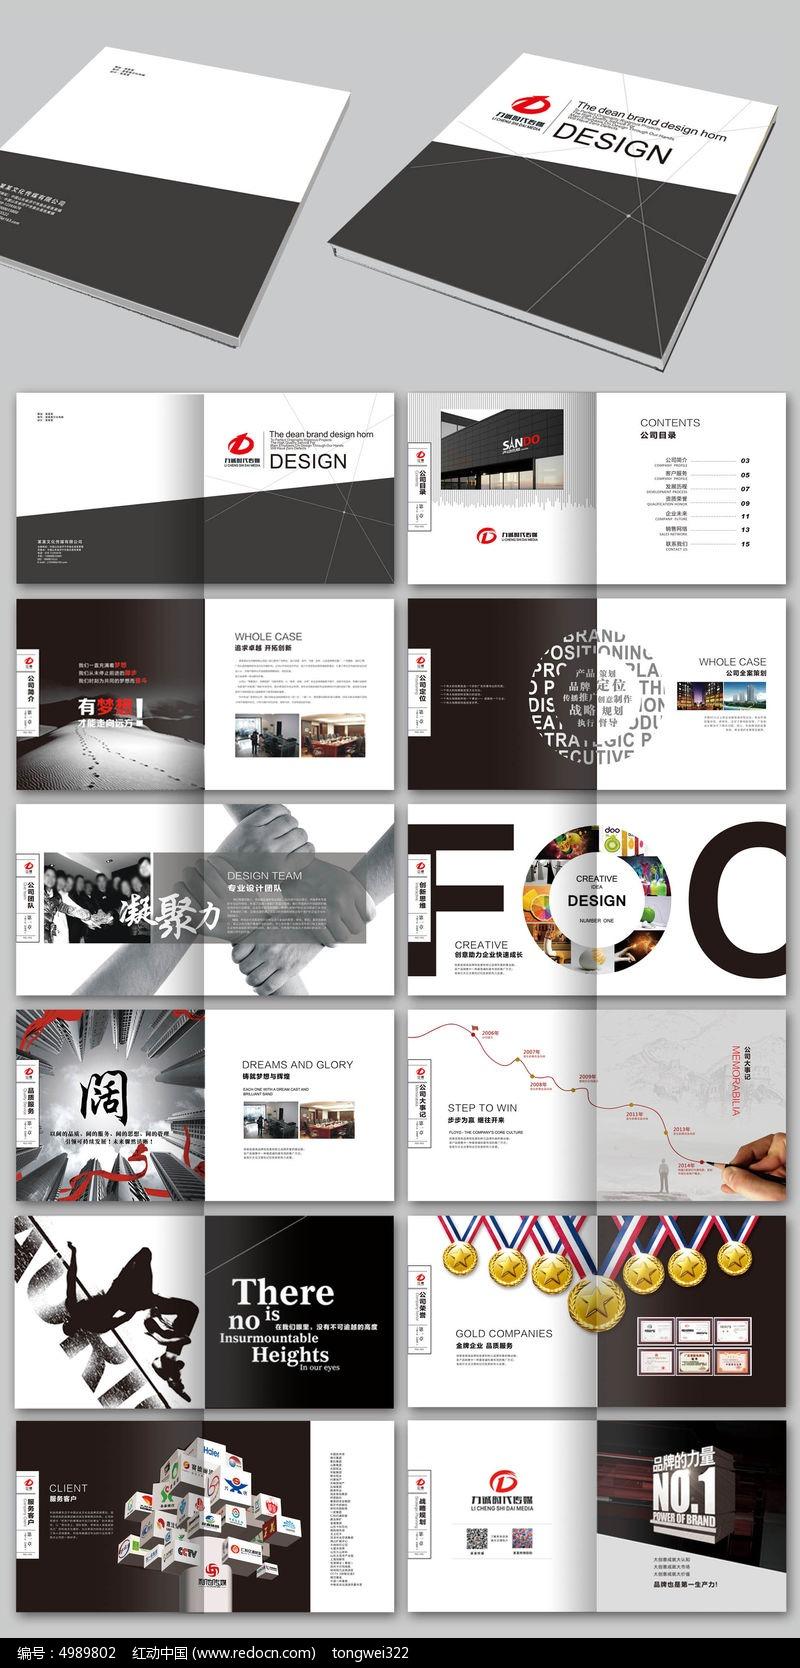 时尚创意广告公司画册设计图片